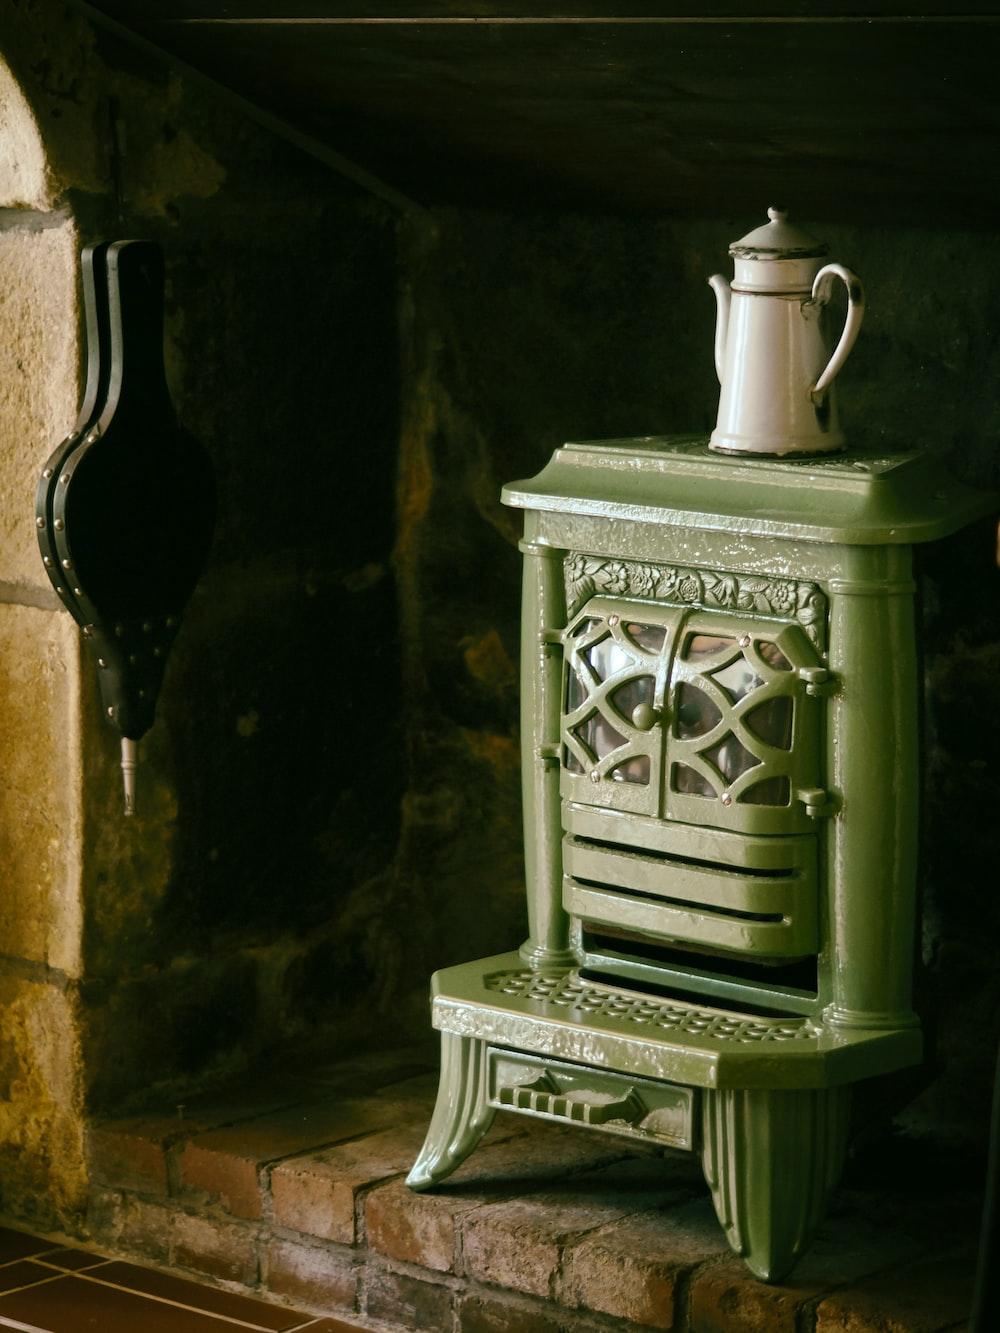 white metal teapot on green metal wood burner fireplace